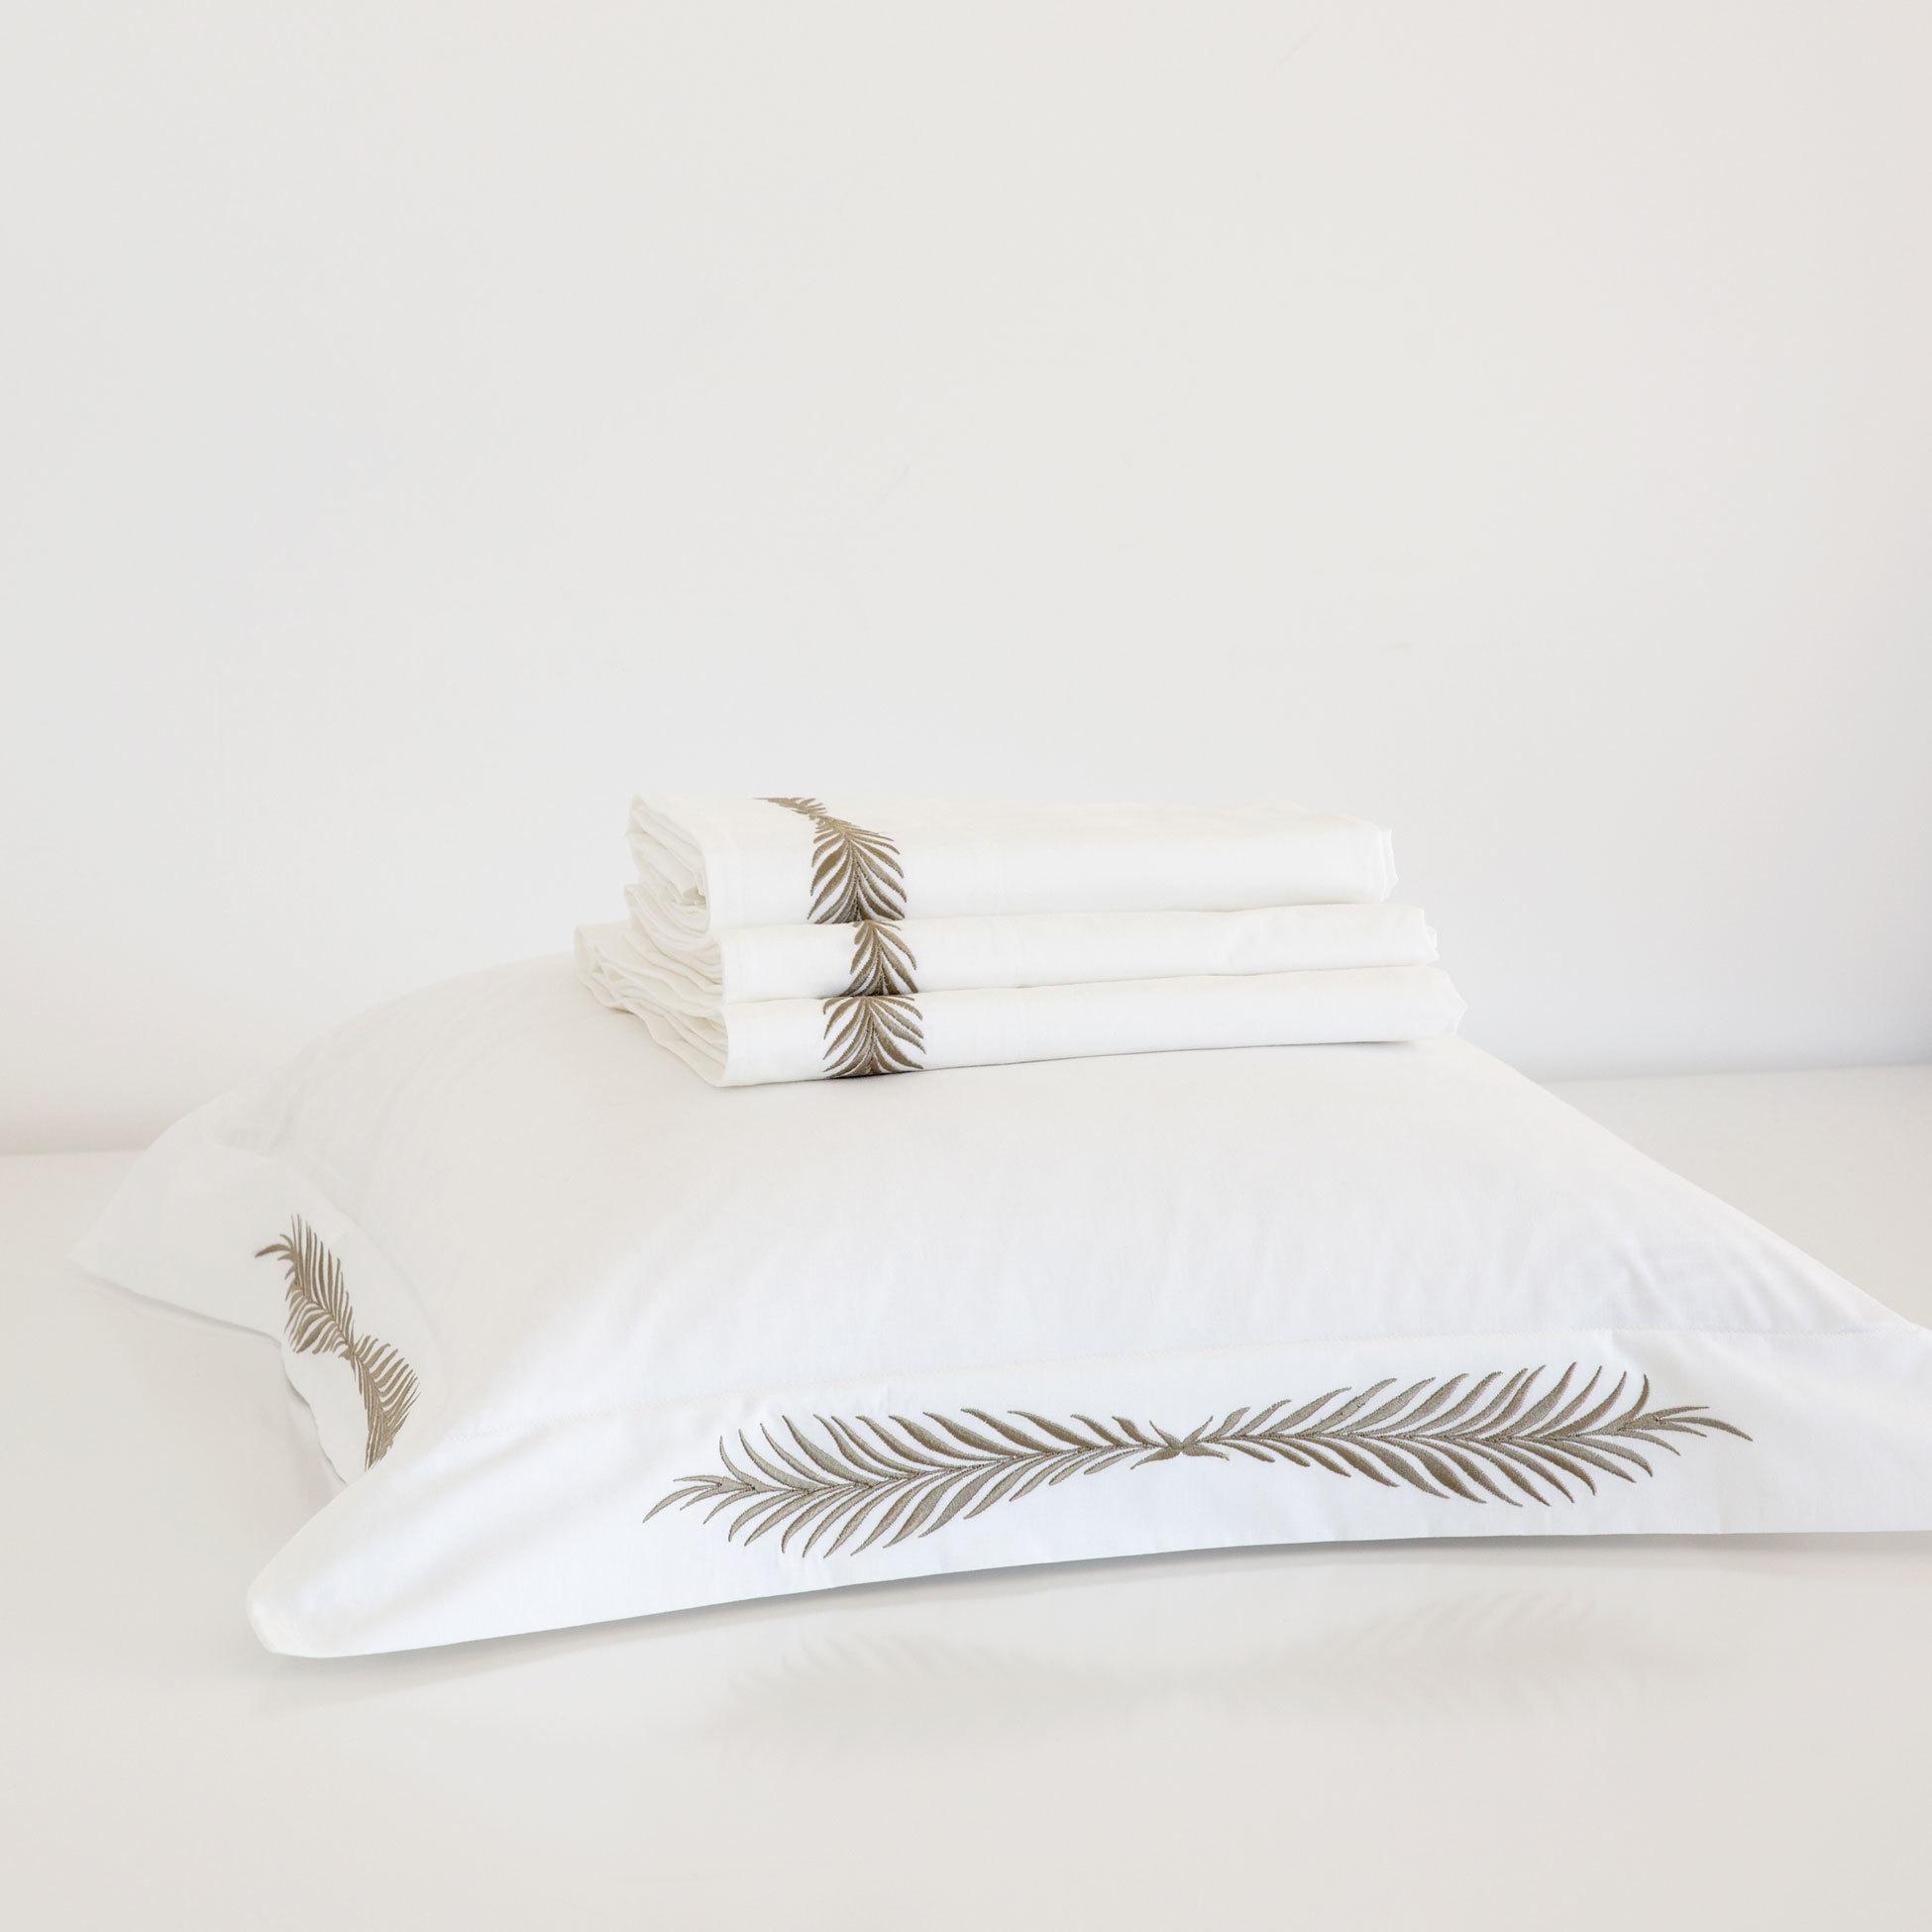 Дизайн для машинной вышивки Пальмовая ветвь RPE-339